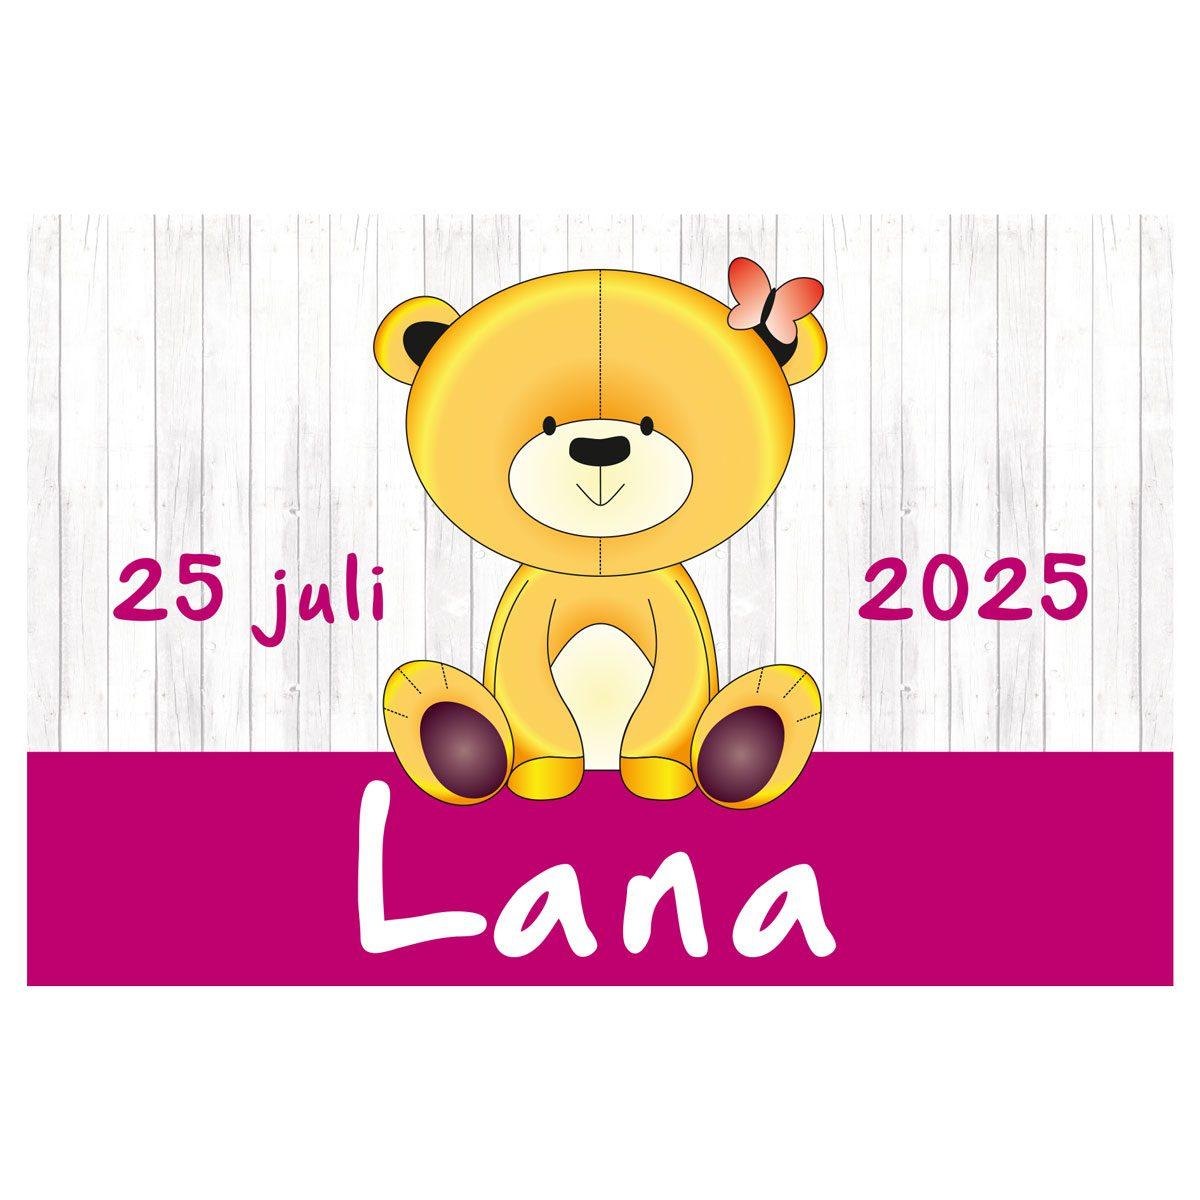 geboortevlag Teddy op hout meisje met datum